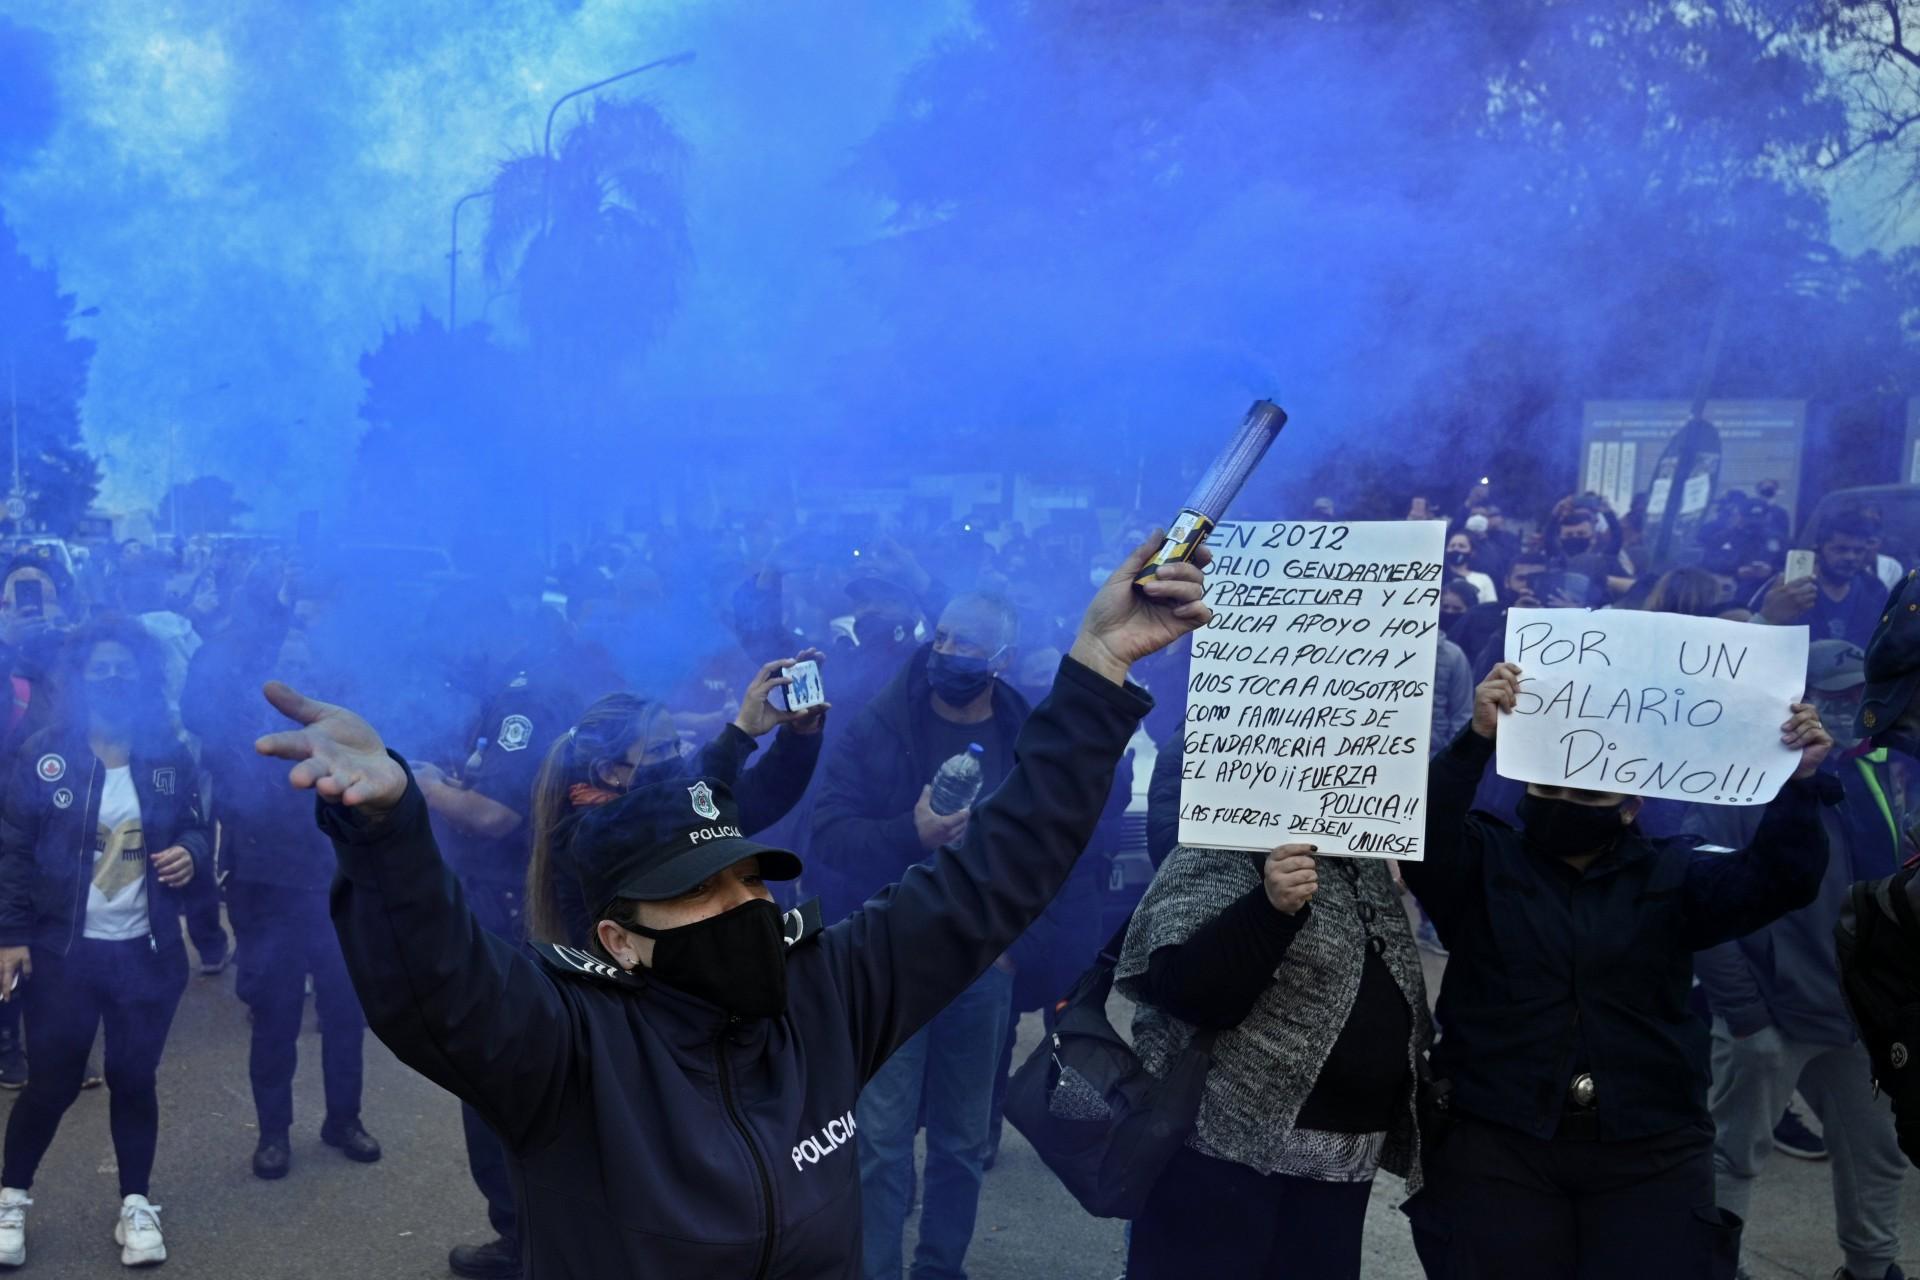 Policiais da polícia da província de Buenos Aires soltam fumaça azul em meio à demanda por aumento de salários e melhores condições de trabalho em La Matanza, província de Buenos Aires, Argentina, em 9 de setembro de 2020, em meio à nova pandemia de coronavírus. (Foto de JUAN MABROMATA / AFP)